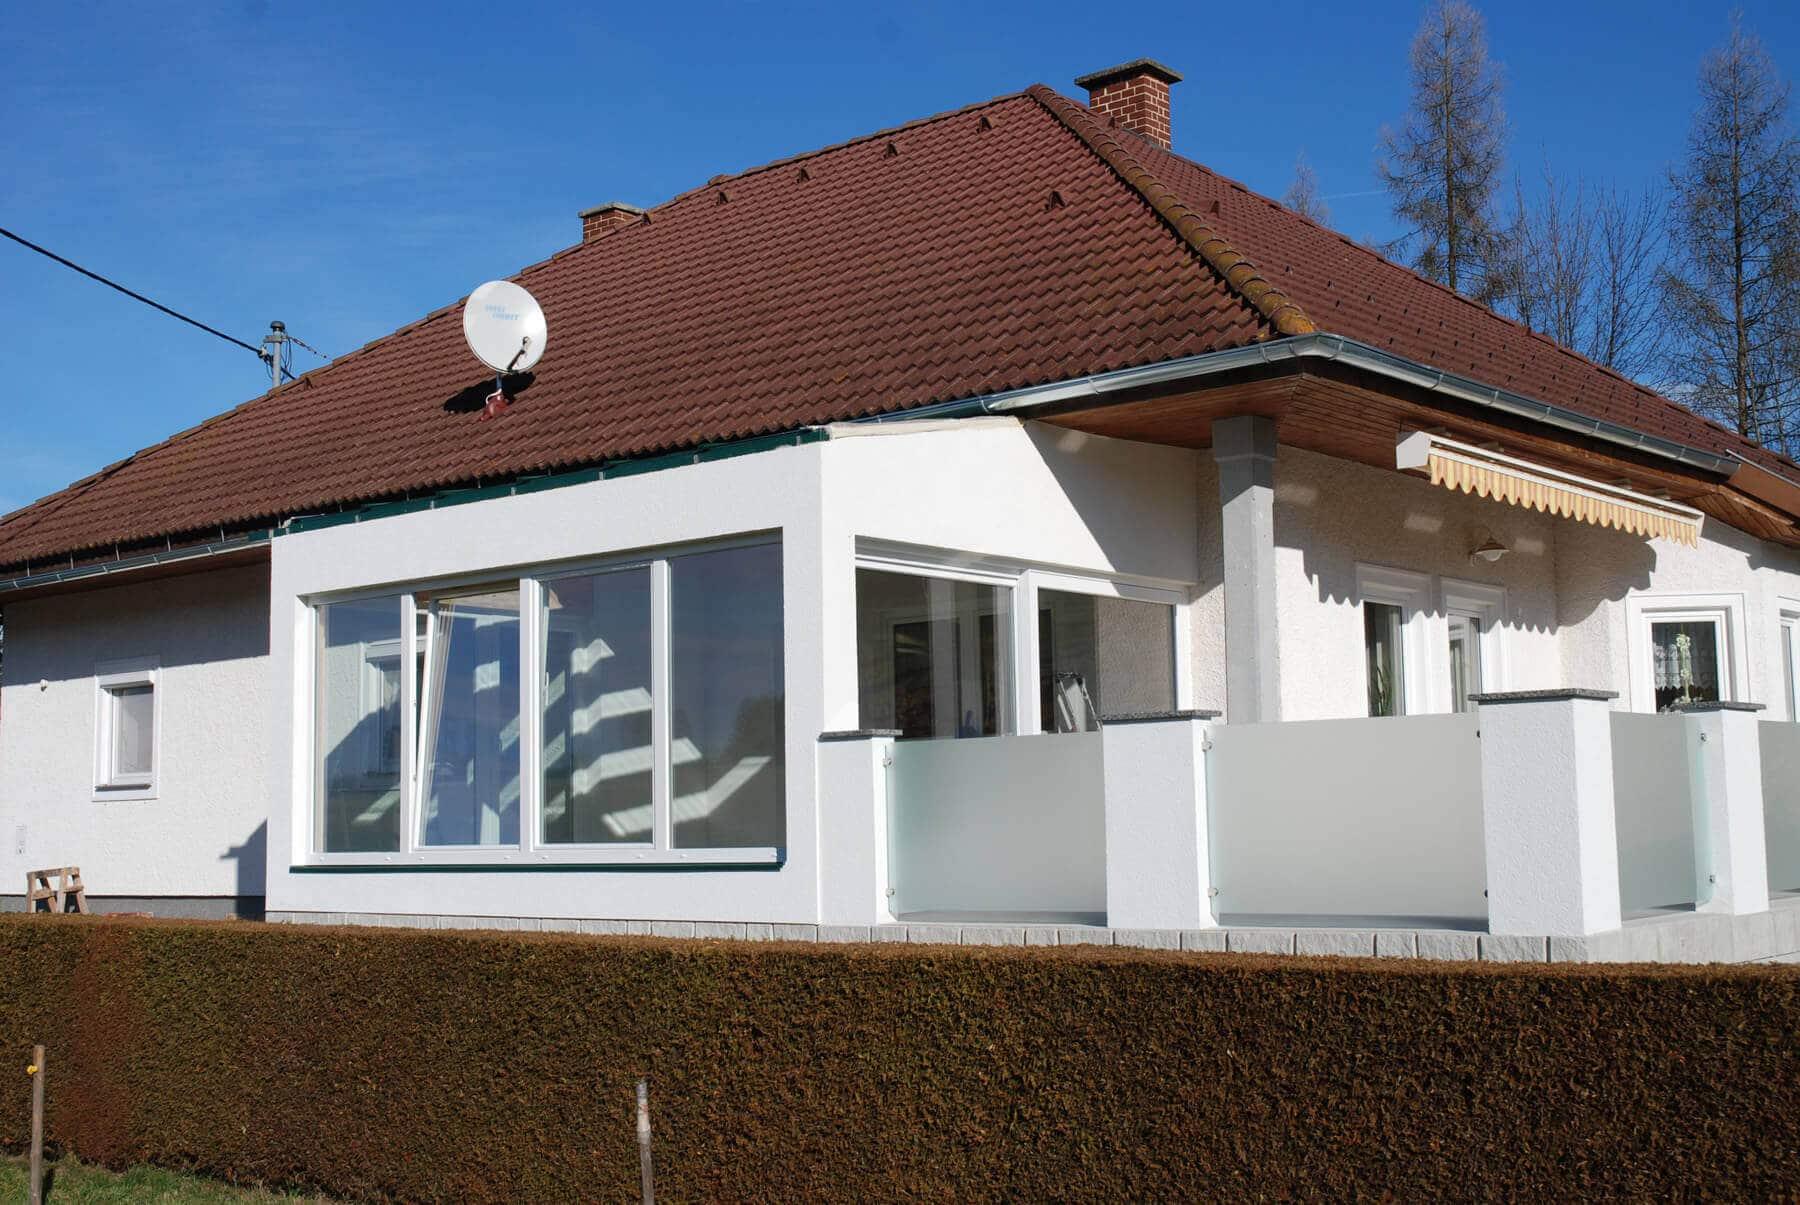 sunflex falt schiebe systeme f r verglasungen auf terrasse oder balkon. Black Bedroom Furniture Sets. Home Design Ideas